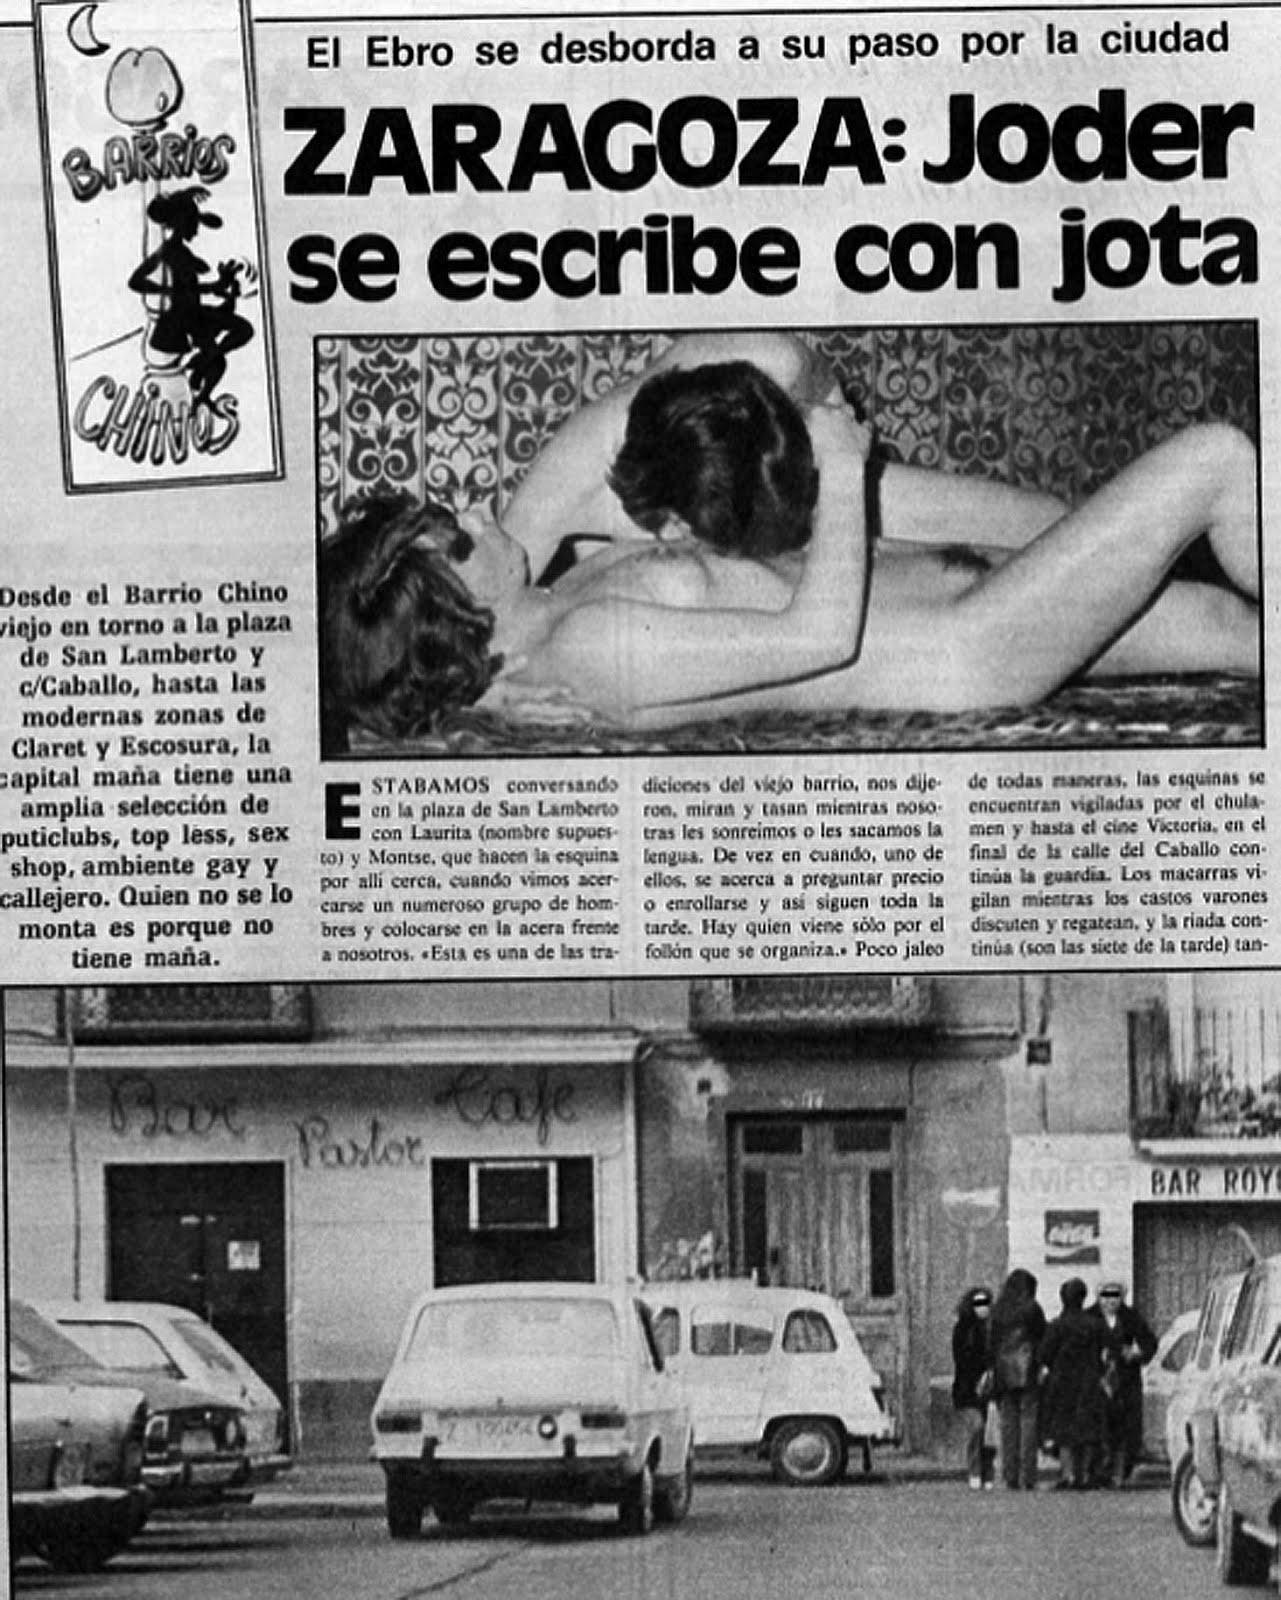 prostitutas holandesas zaragoza prostitutas